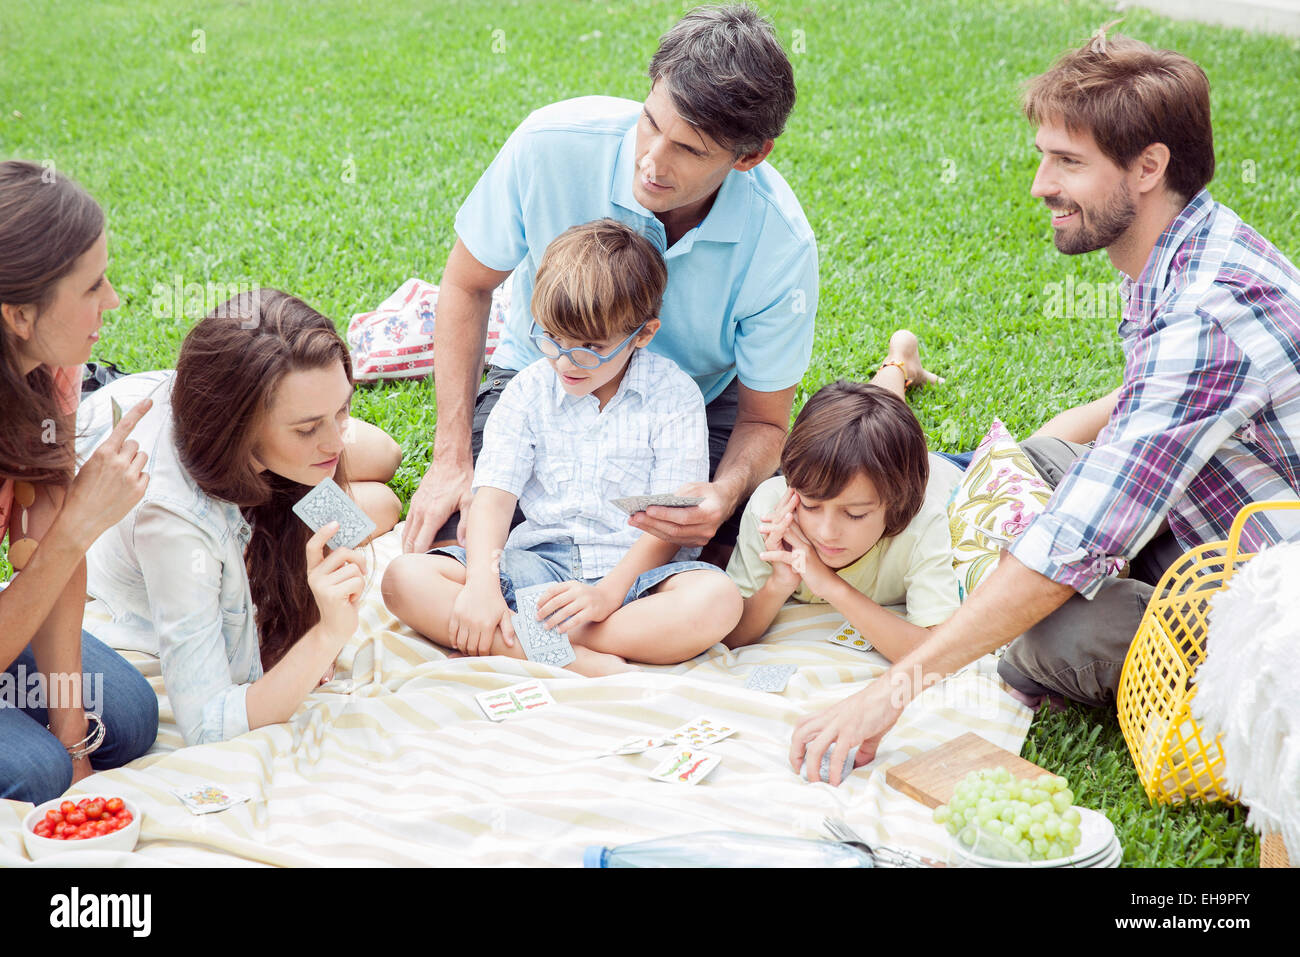 La familia de juegos de naipes en picnic Imagen De Stock